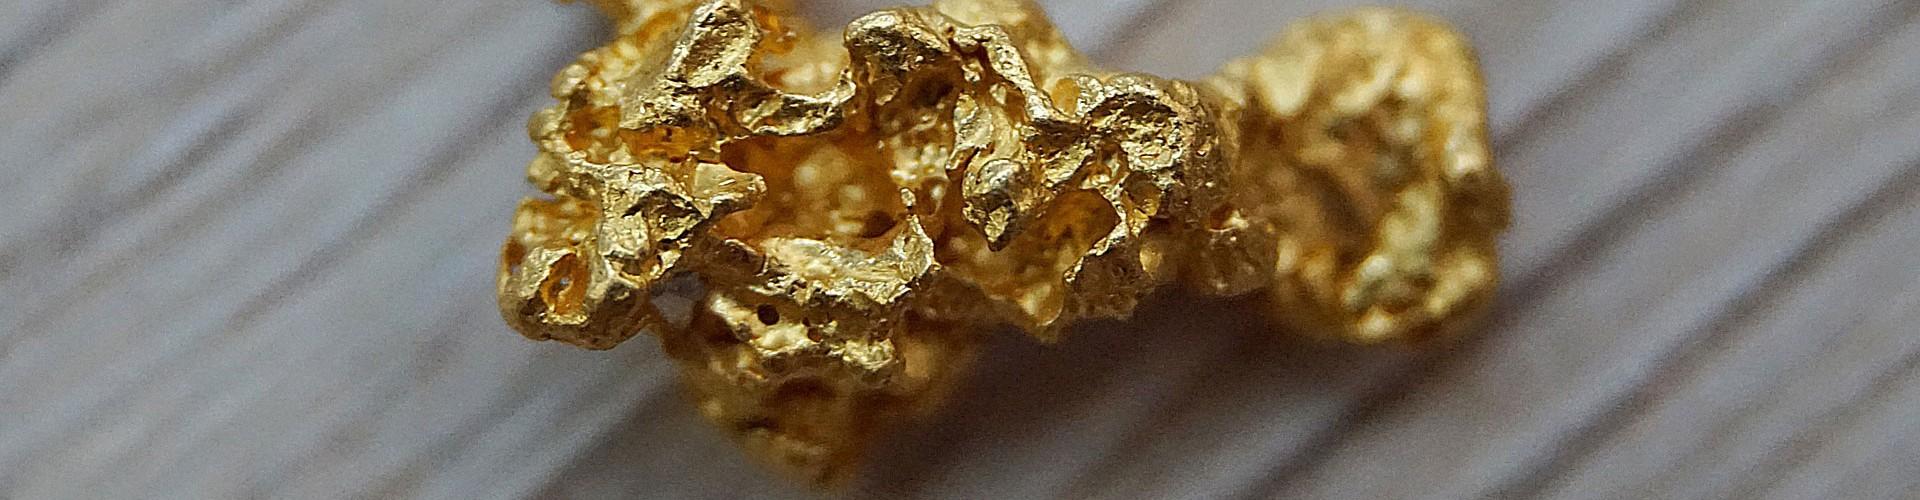 A golden nugget (Credit: Csaba Nagy via Pixabay)